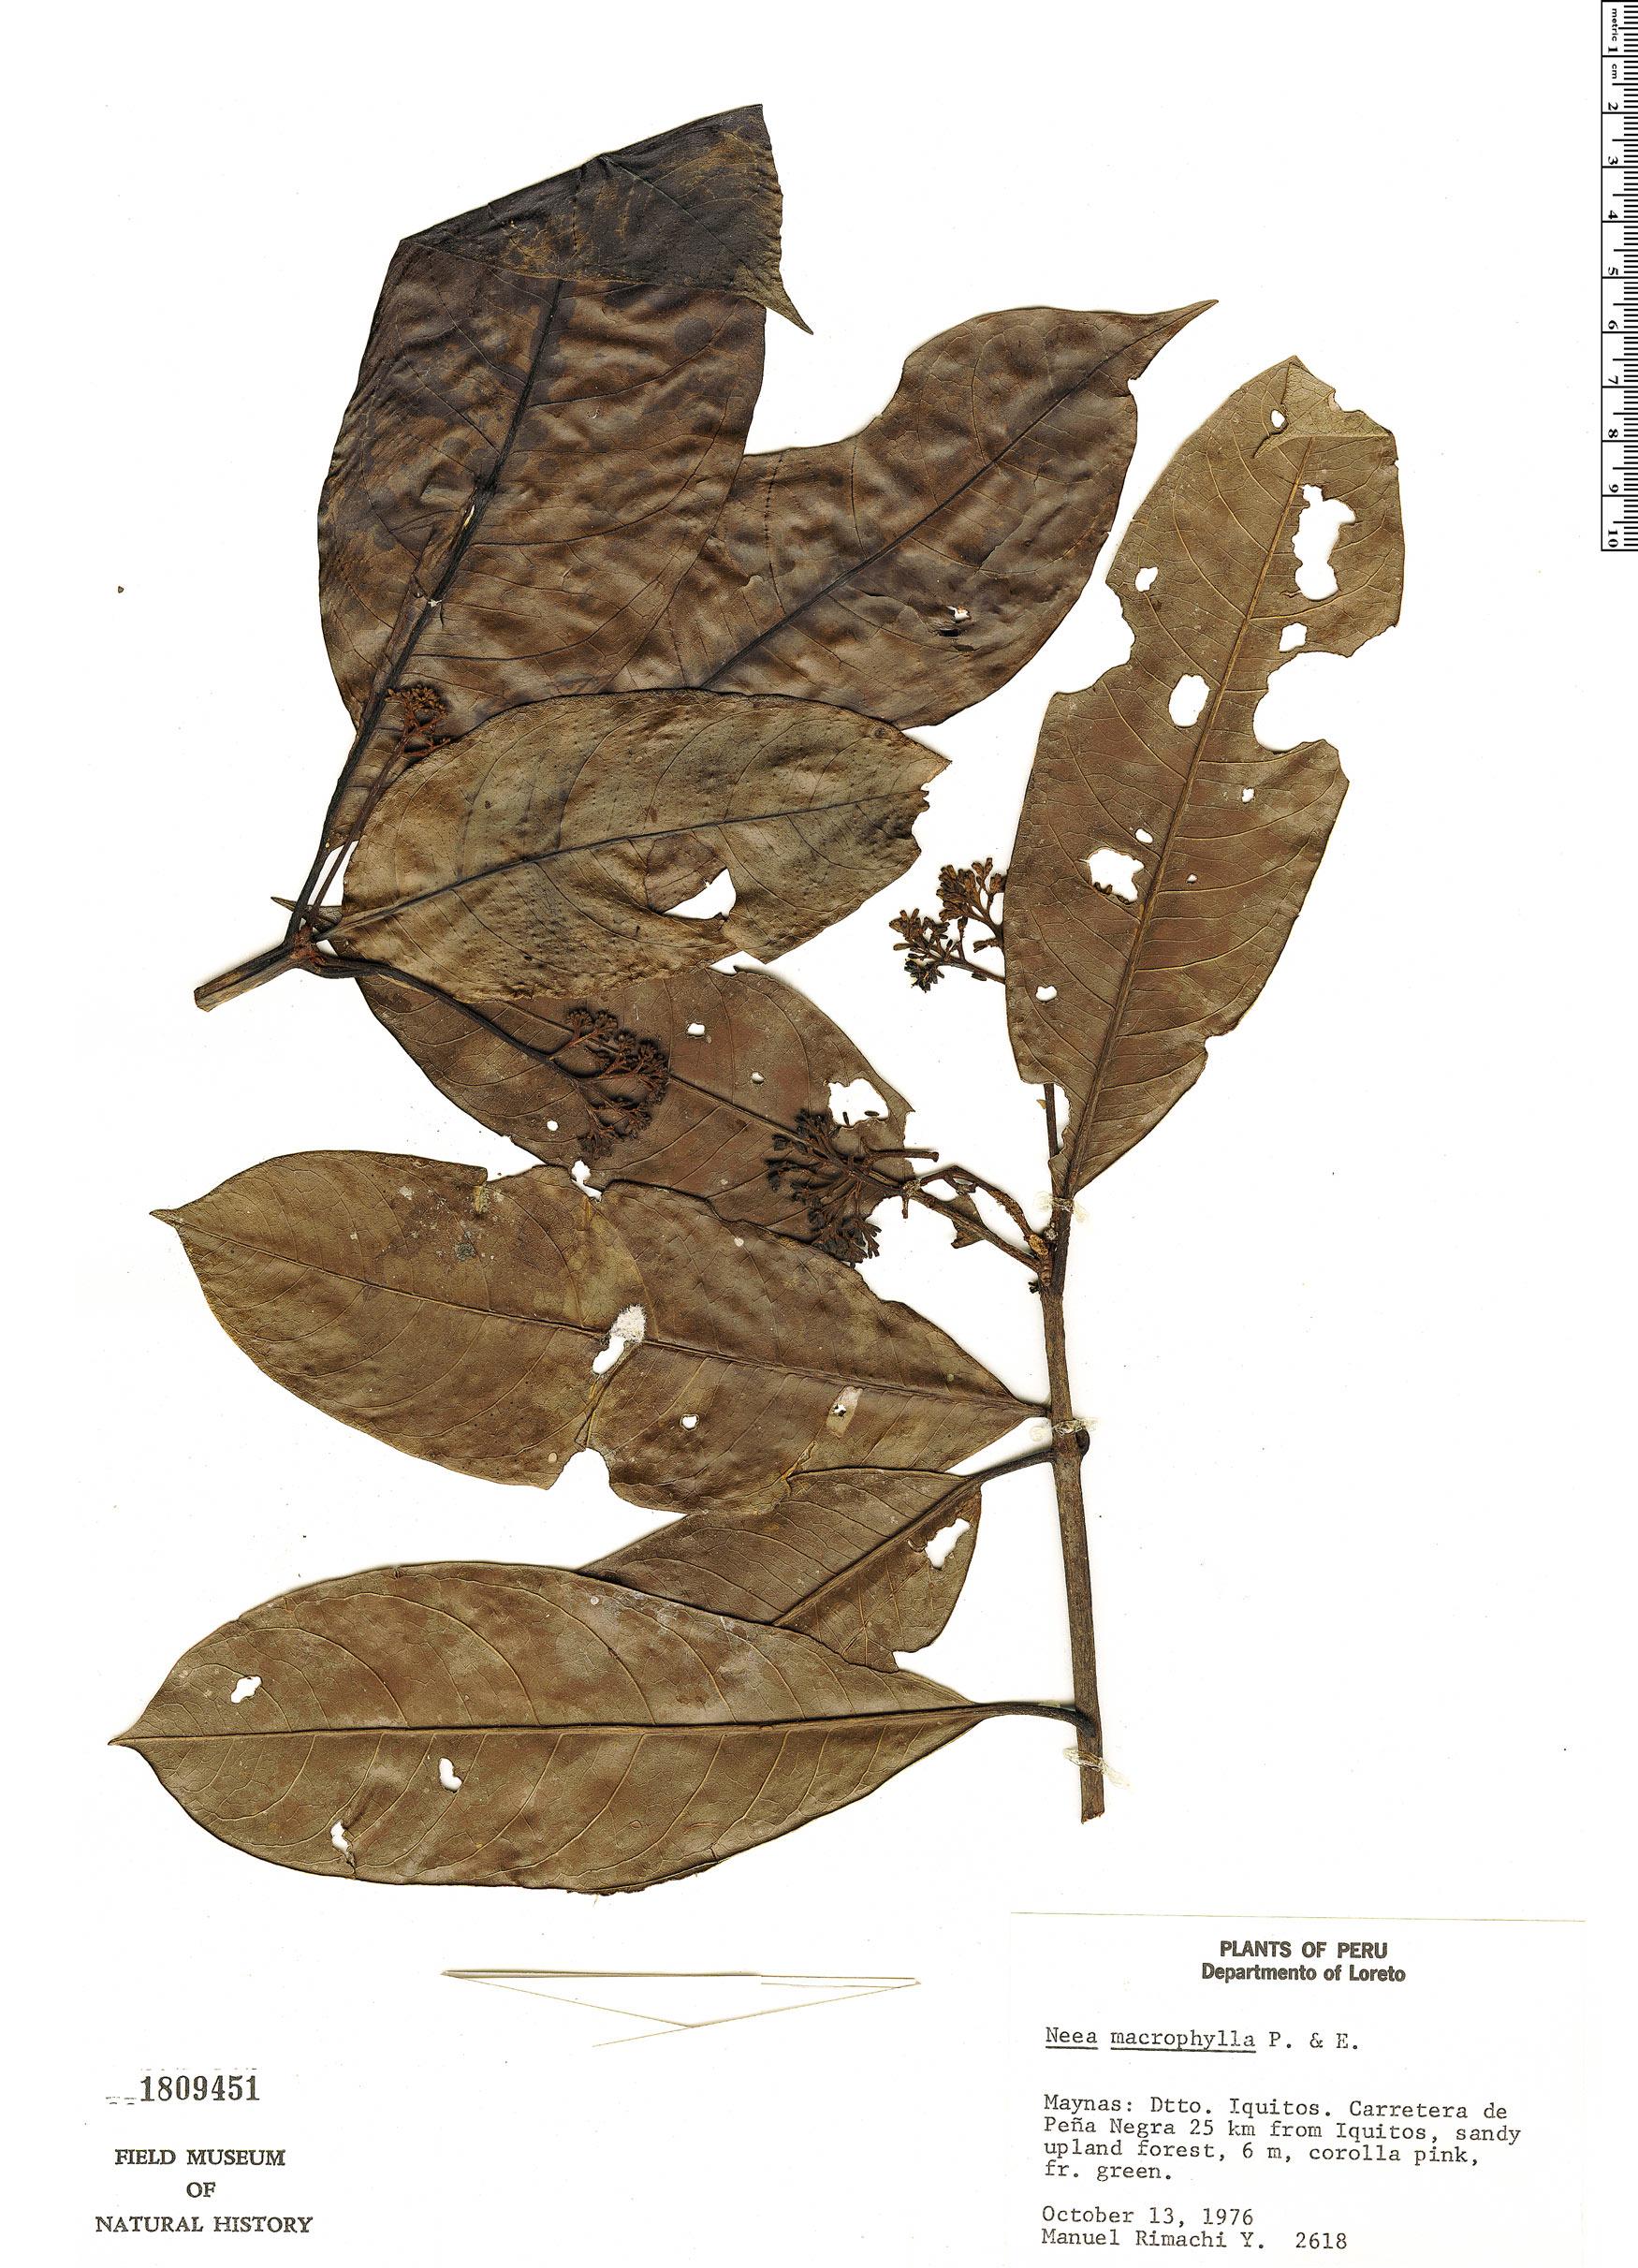 Specimen: Neea macrophylla